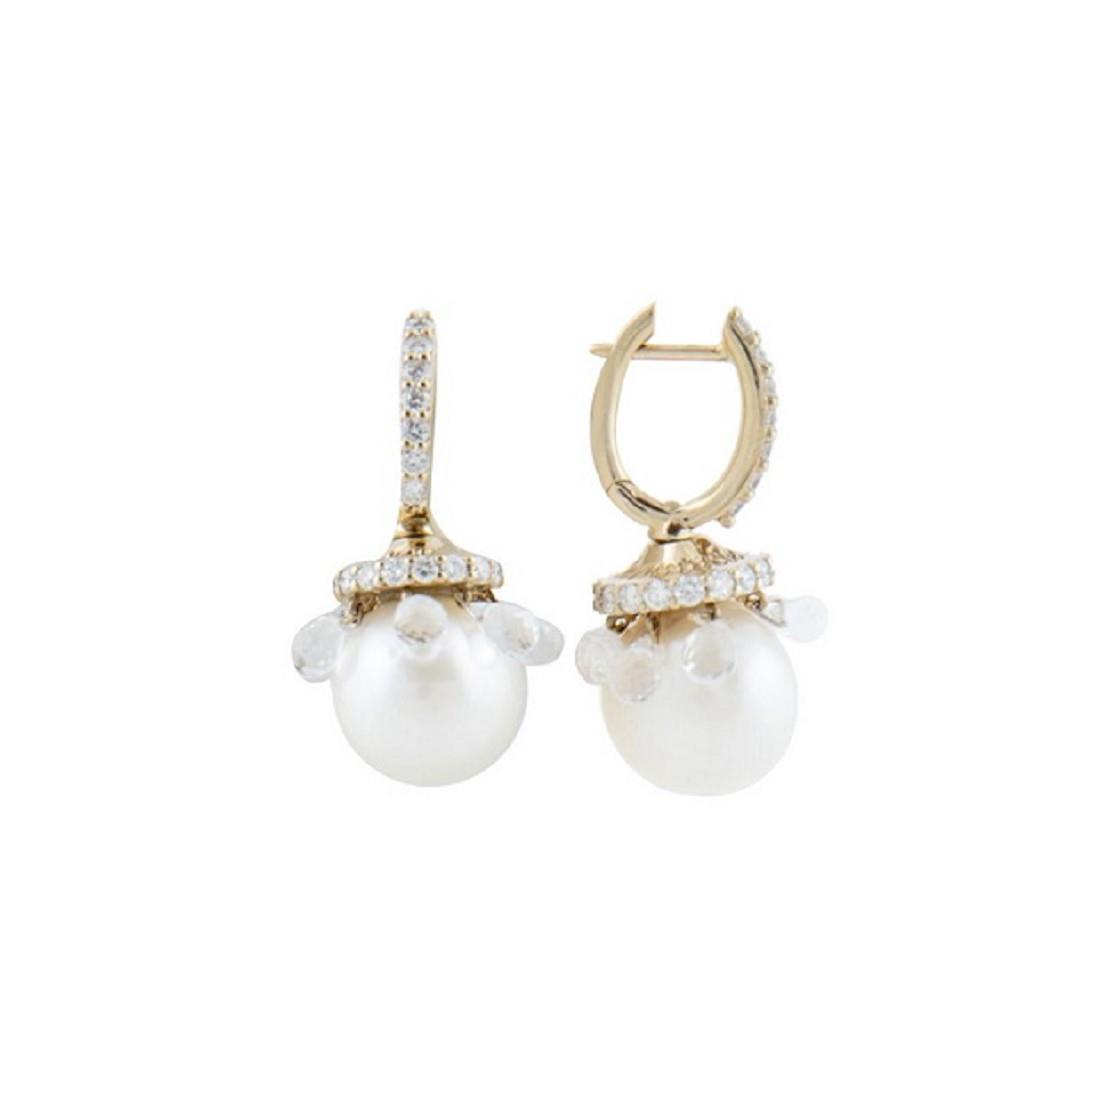 Orecchini corti in oro giallo, diamanti ct 1.27, perle e briolette in cristallo di rocca - CHANTECLER